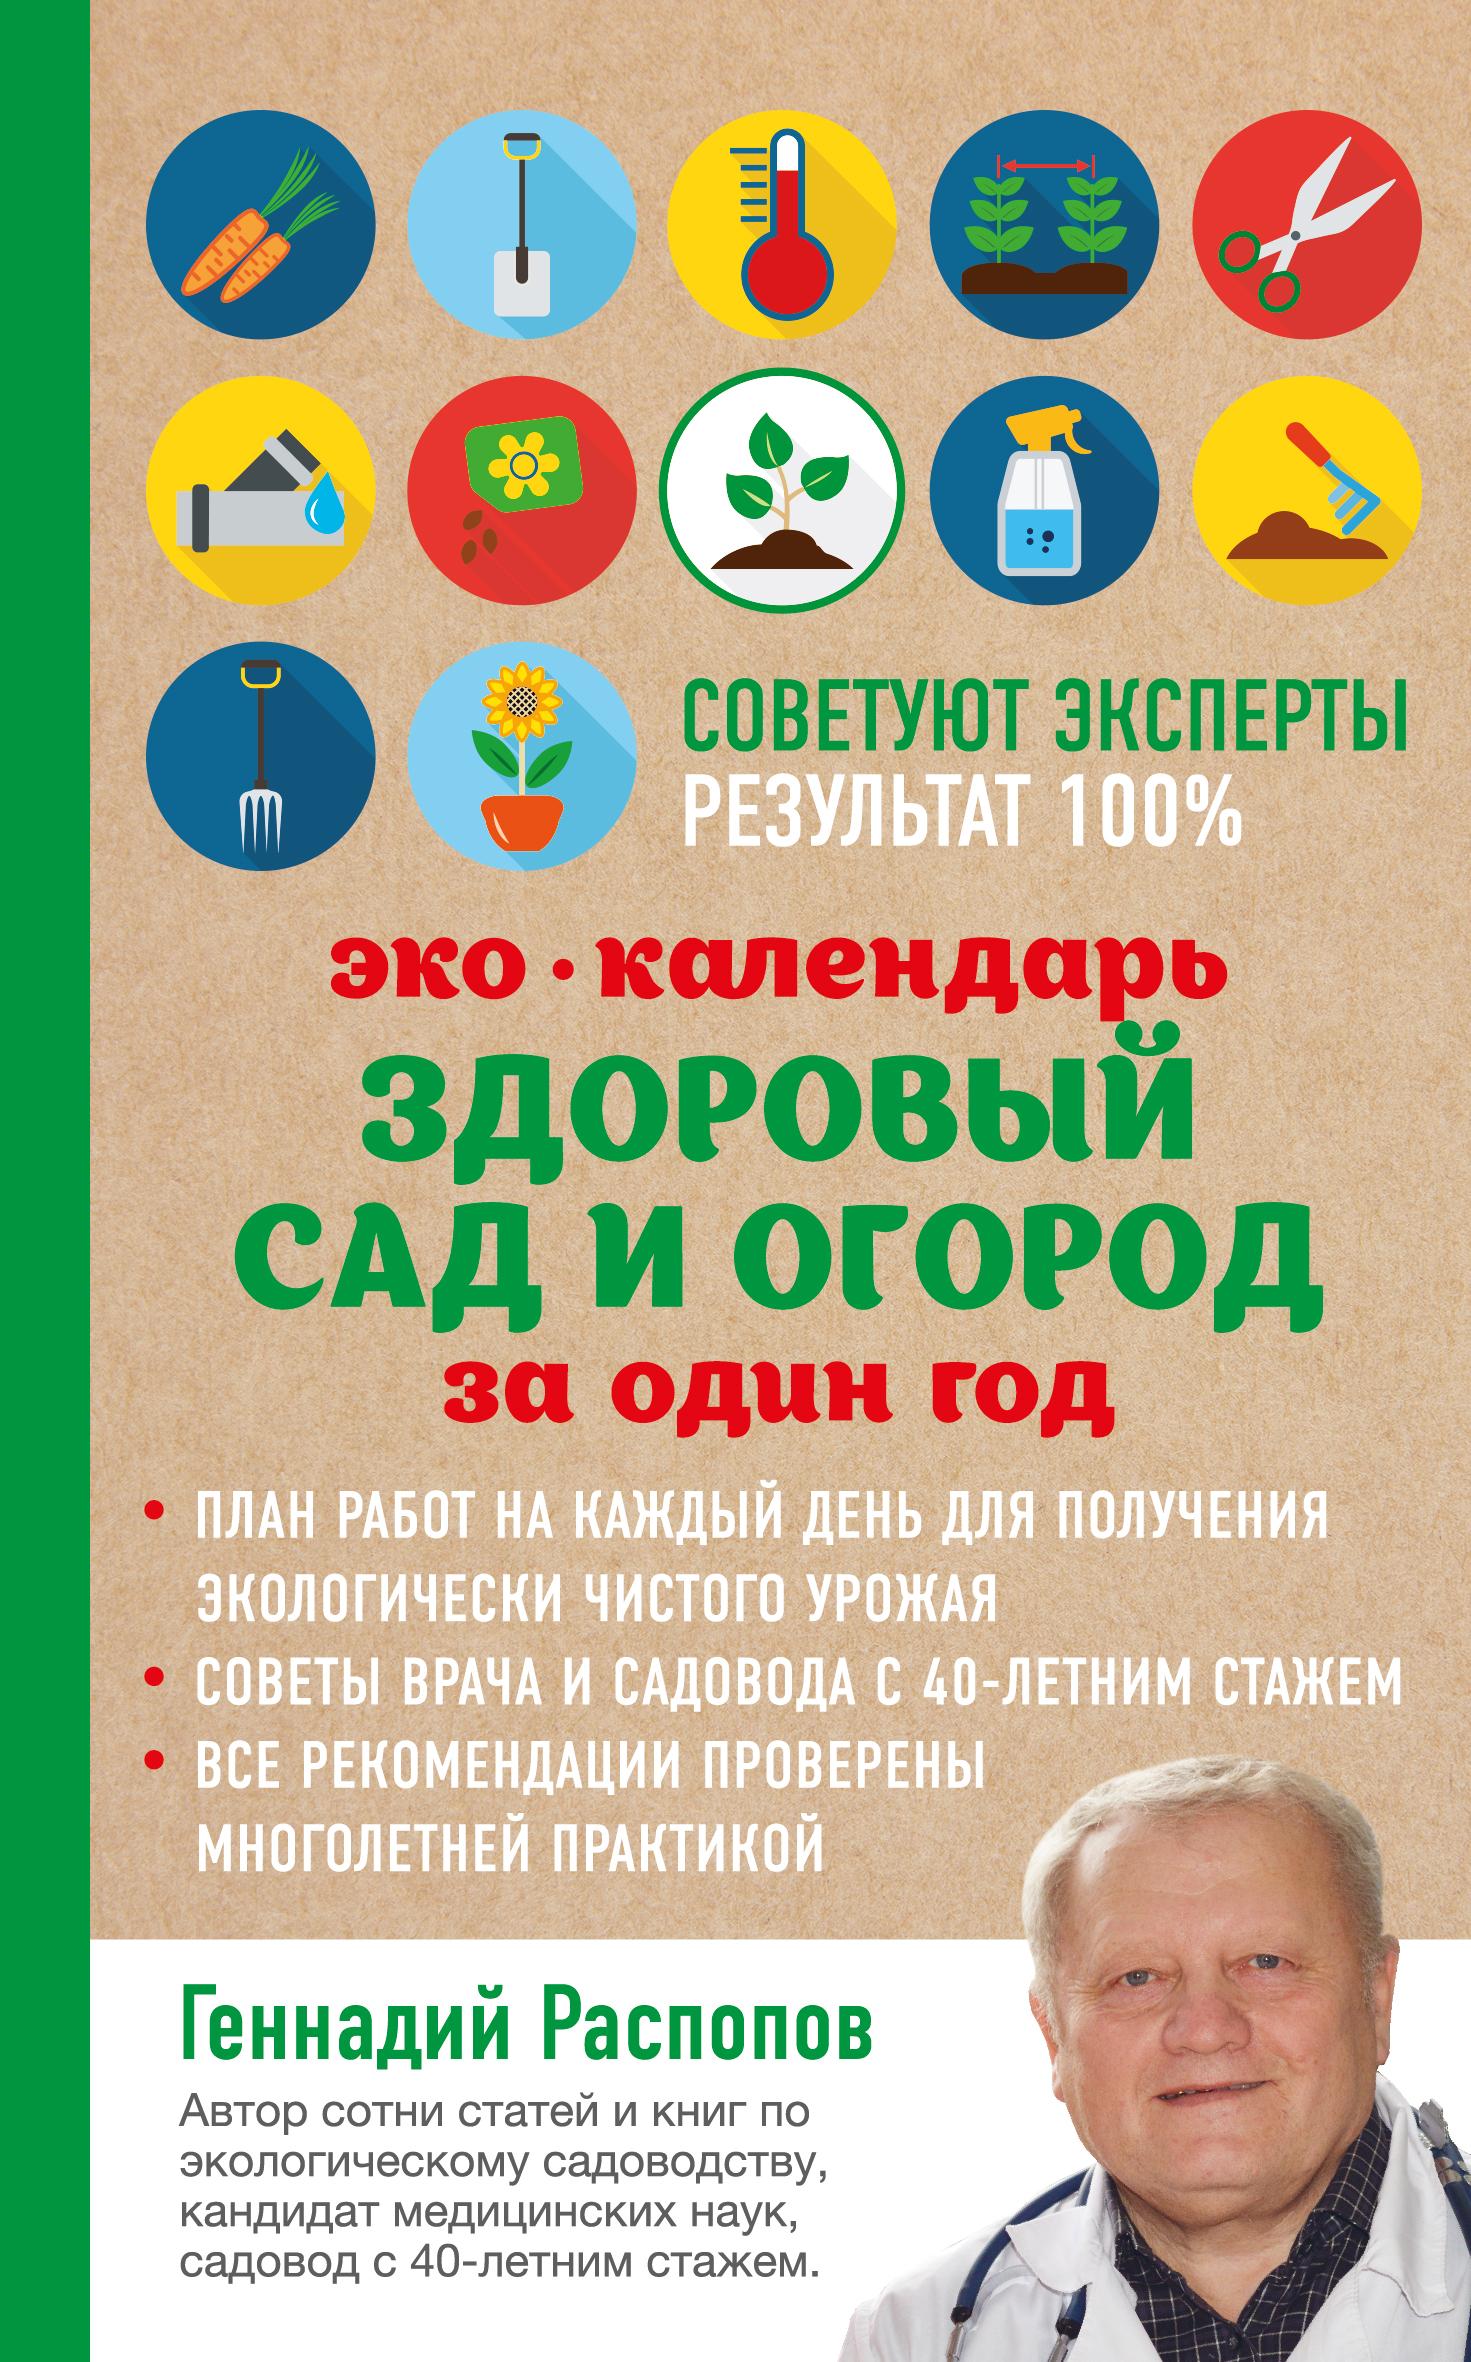 Геннадий Распопов Эко-календарь. Здоровый сад и огород за один год